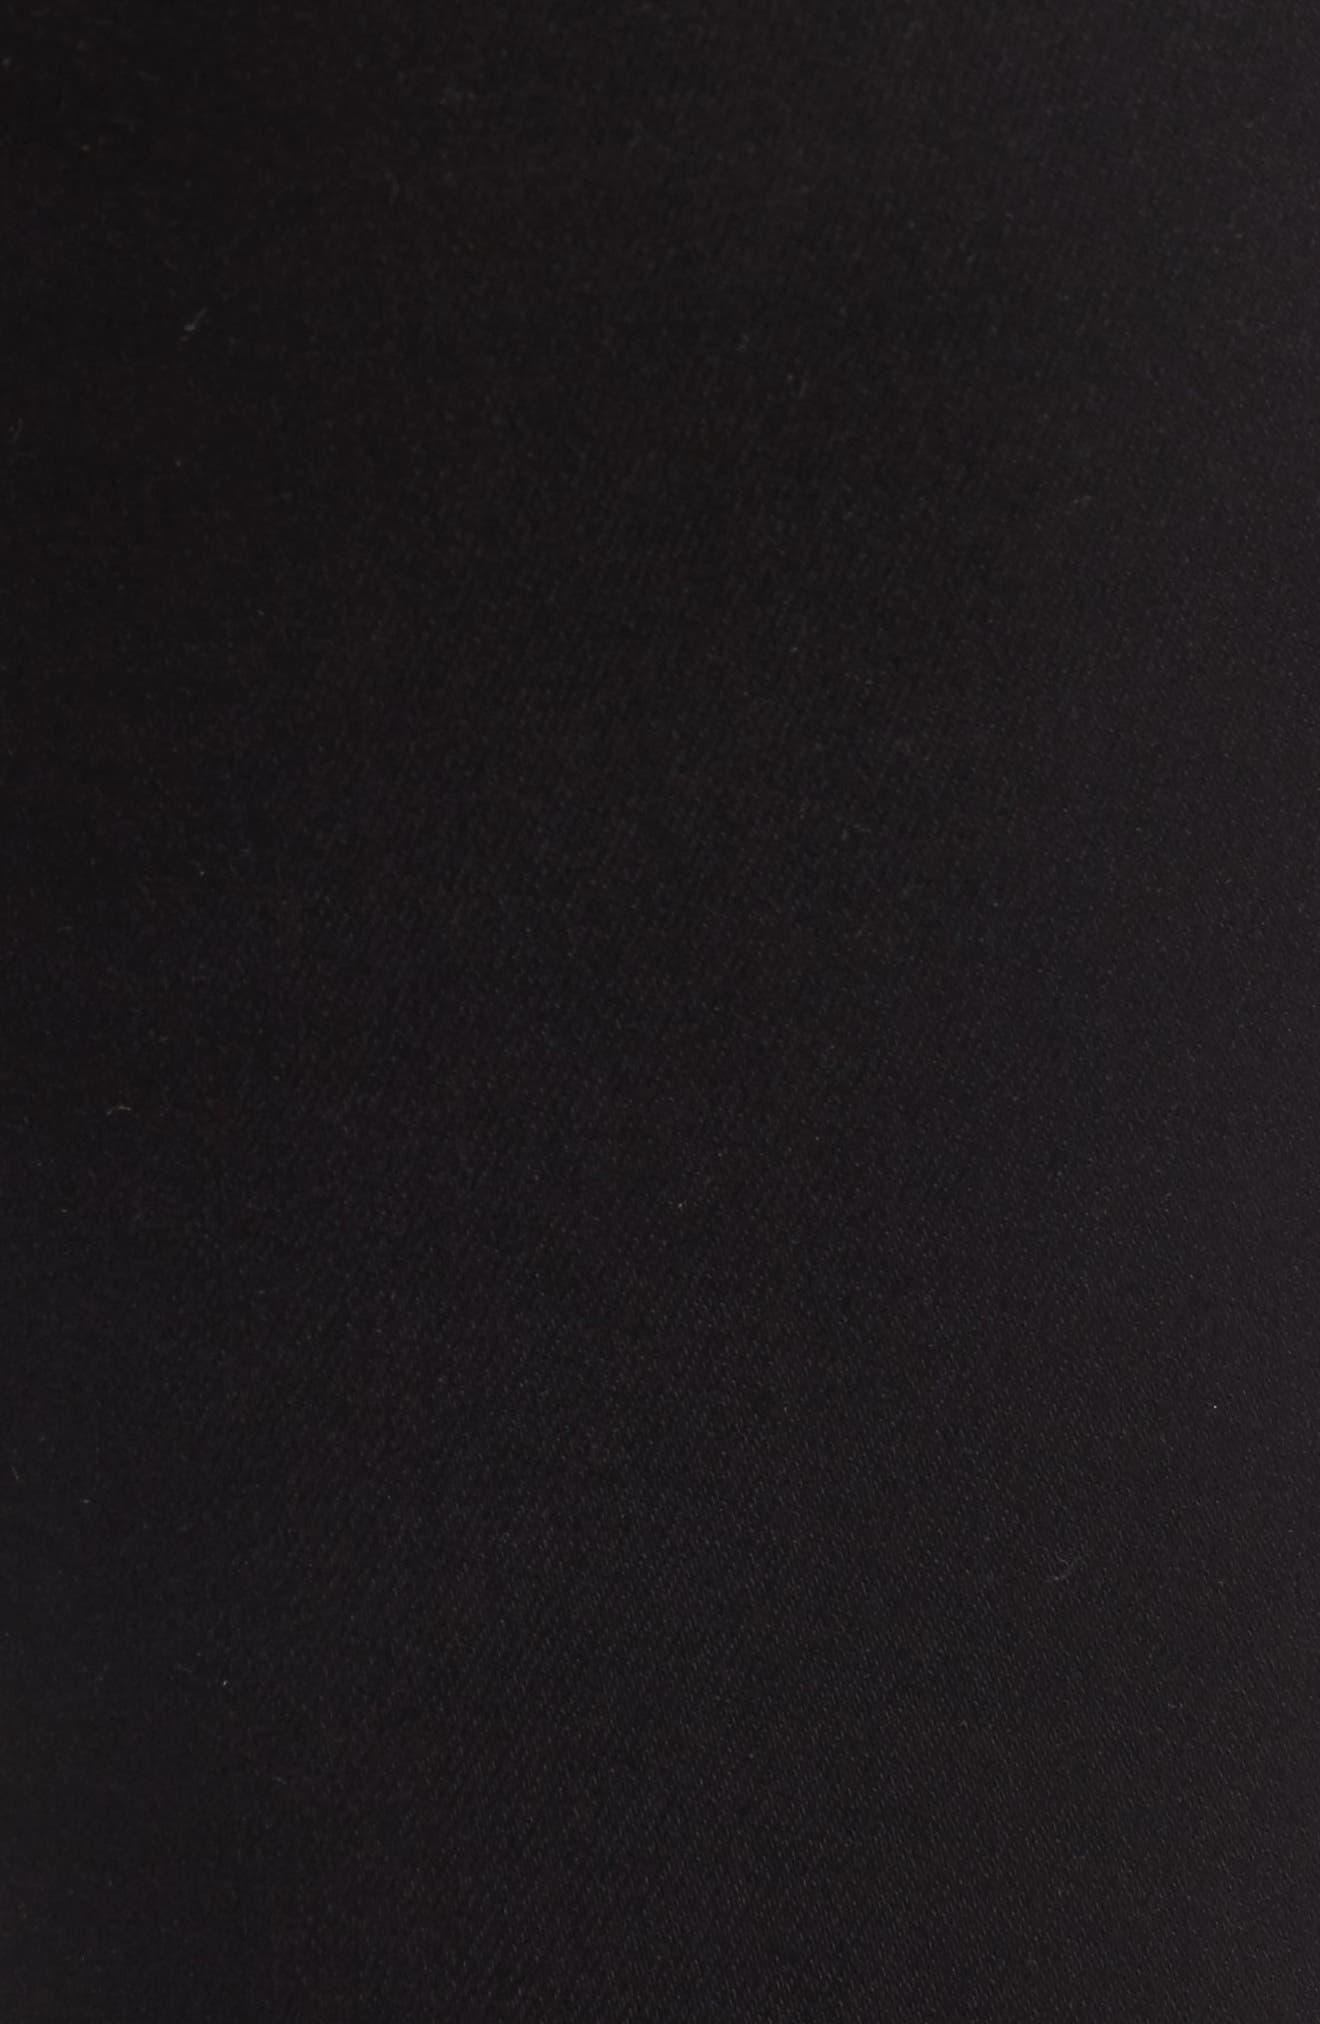 Belvedere Skinny Jeans,                             Alternate thumbnail 5, color,                             Jett Black